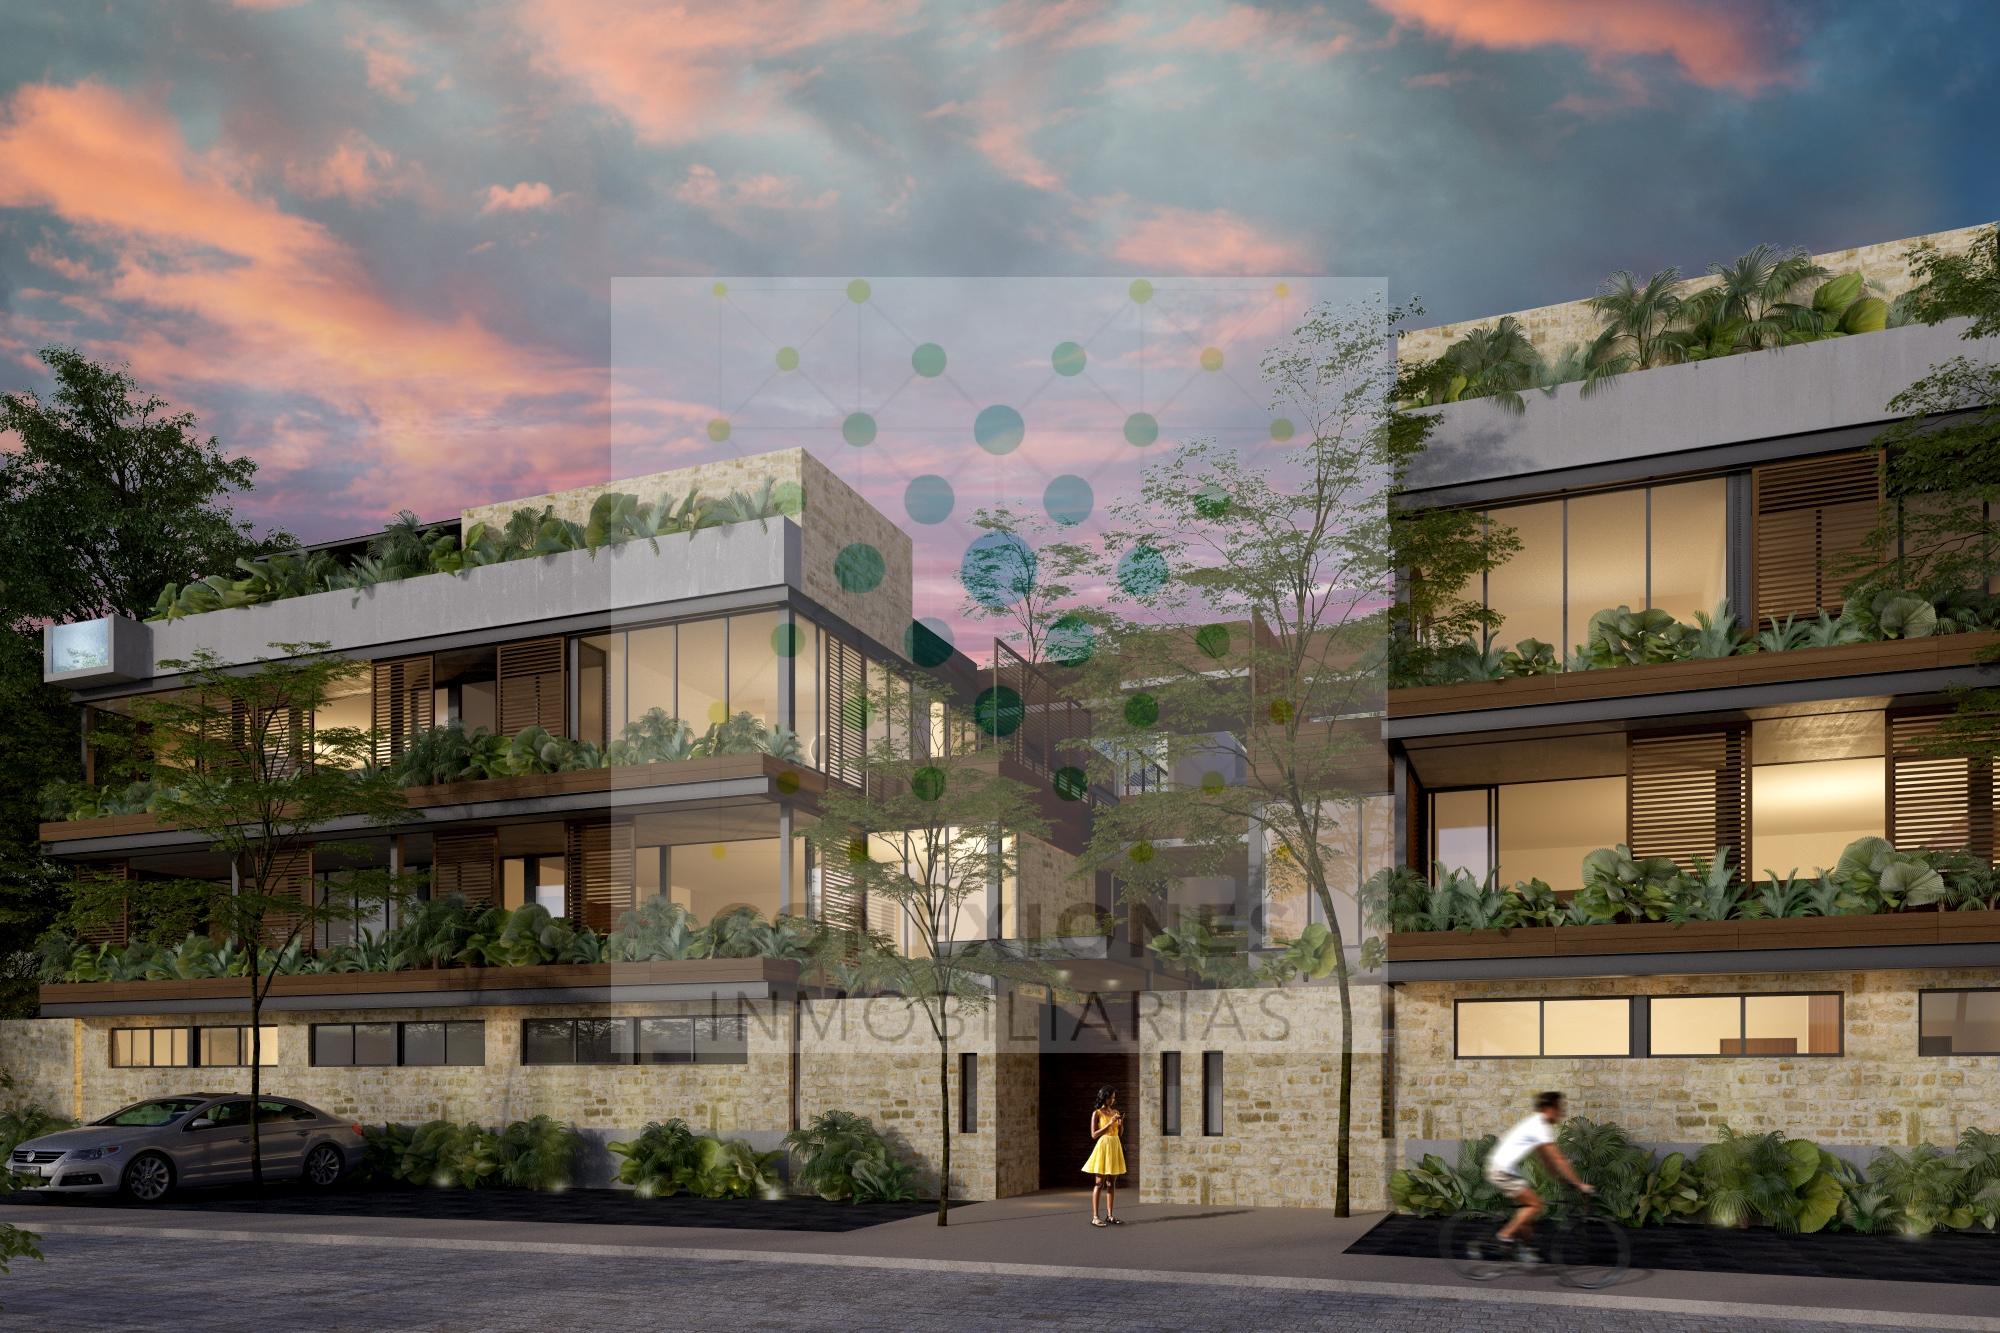 """Exclusivos departamentos en condominio en zona """"La privada"""" de Aldea Zama, Tulum"""